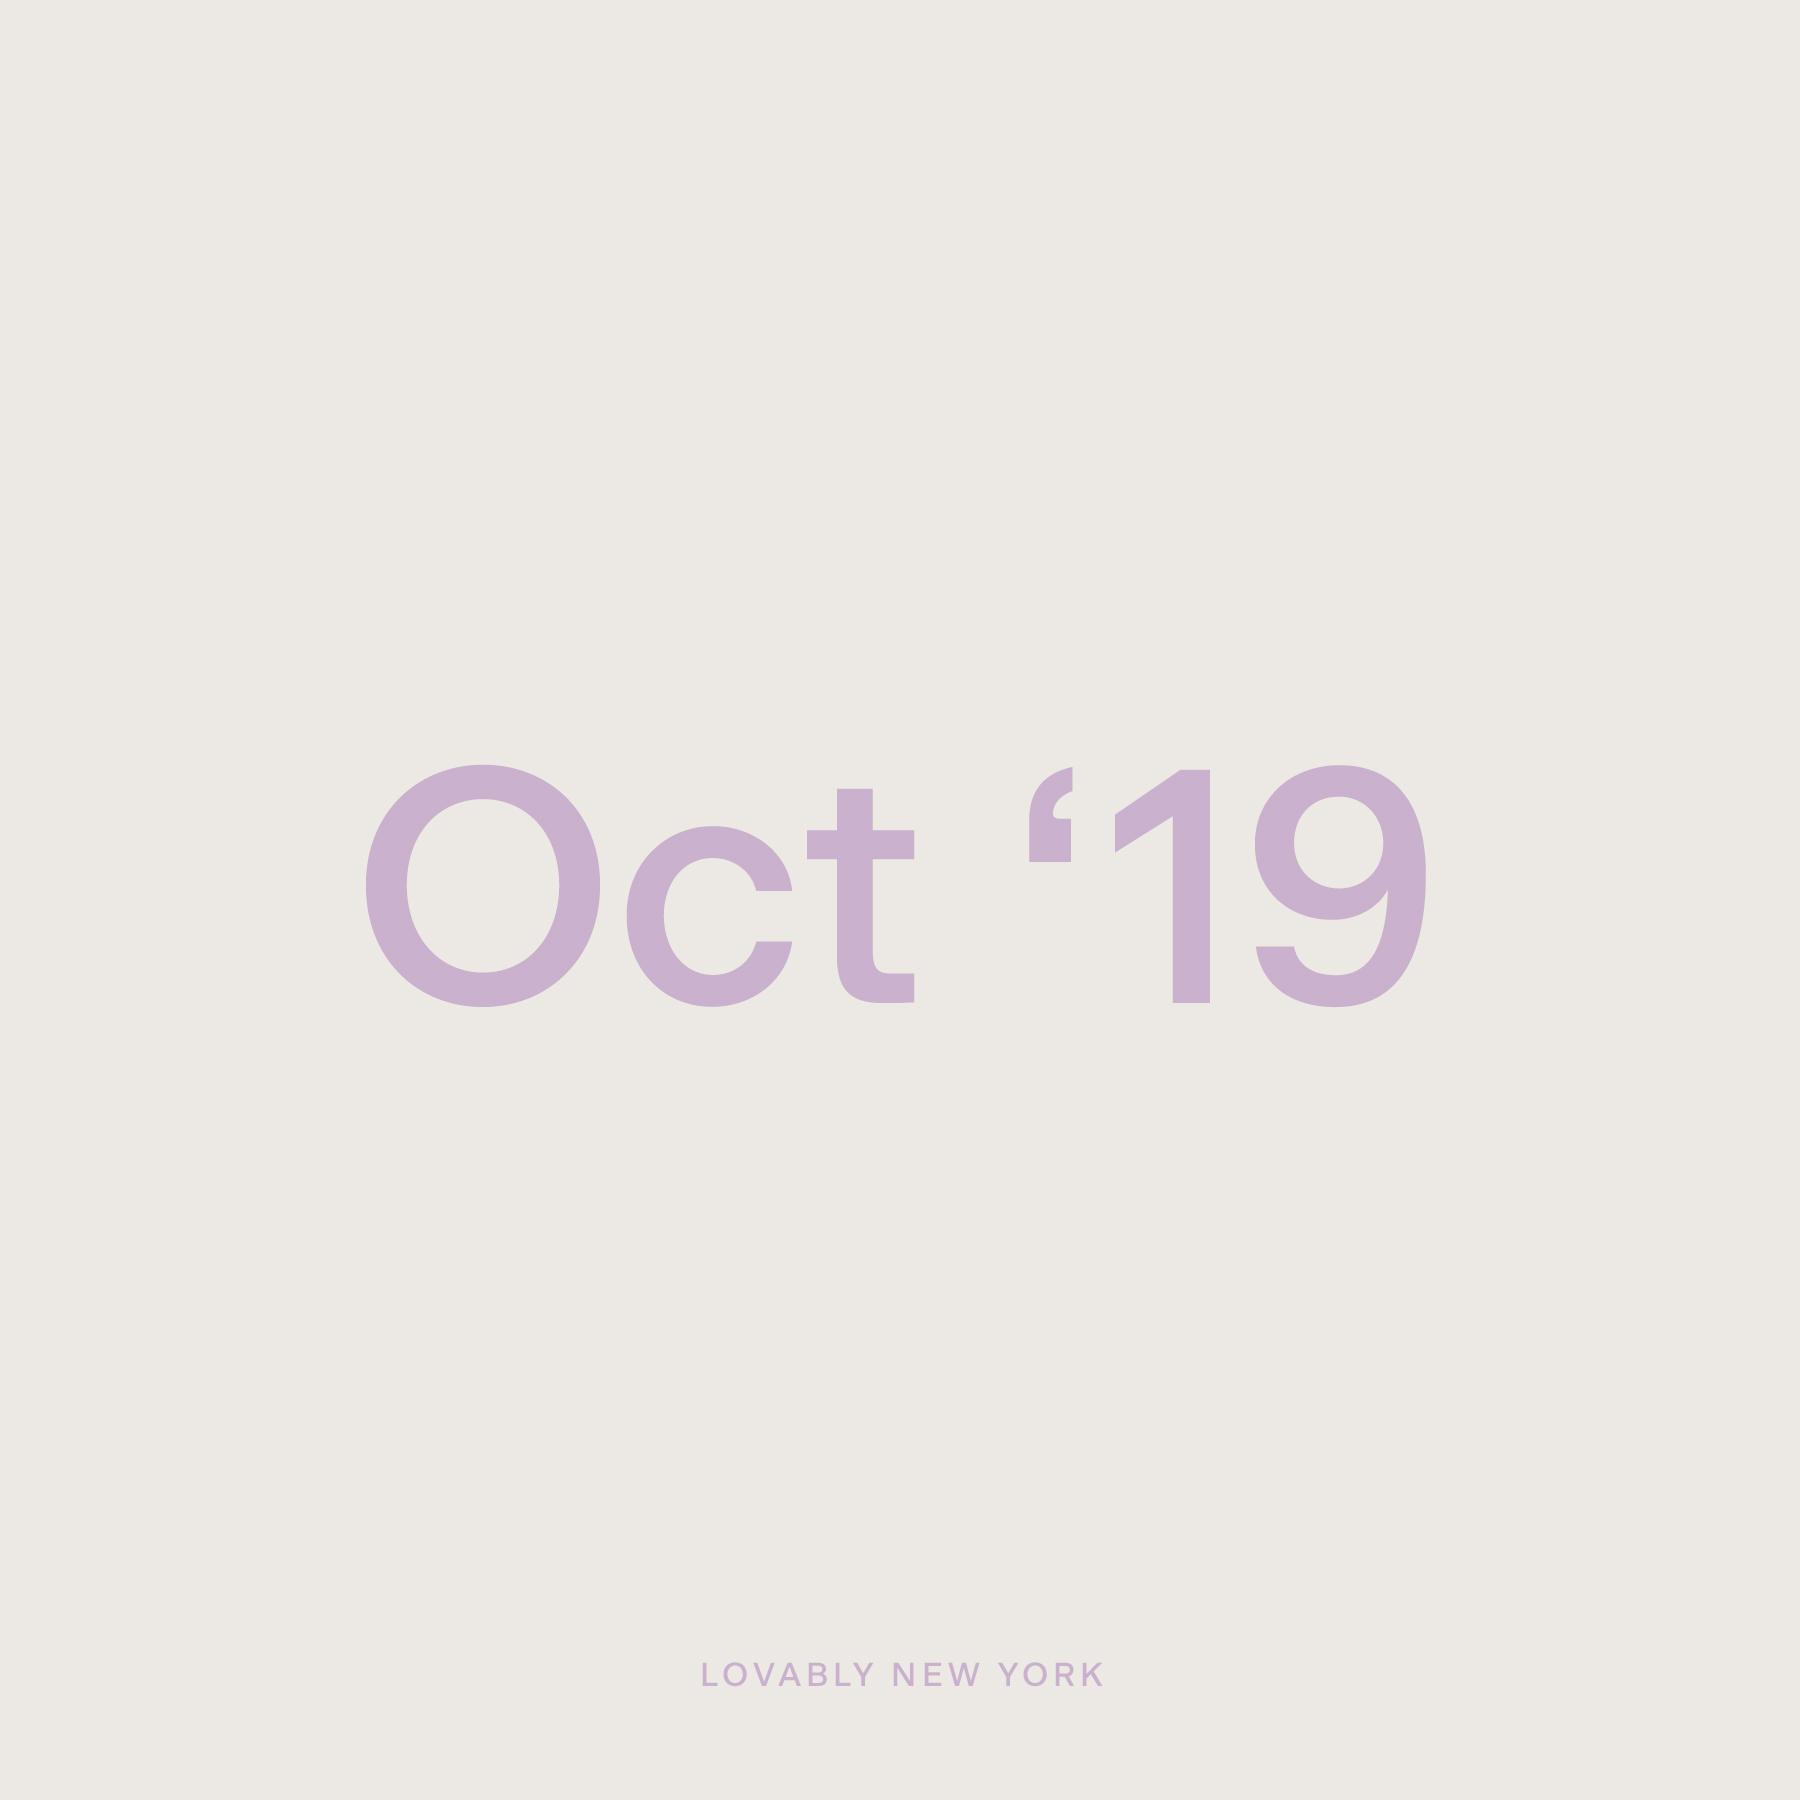 October '19